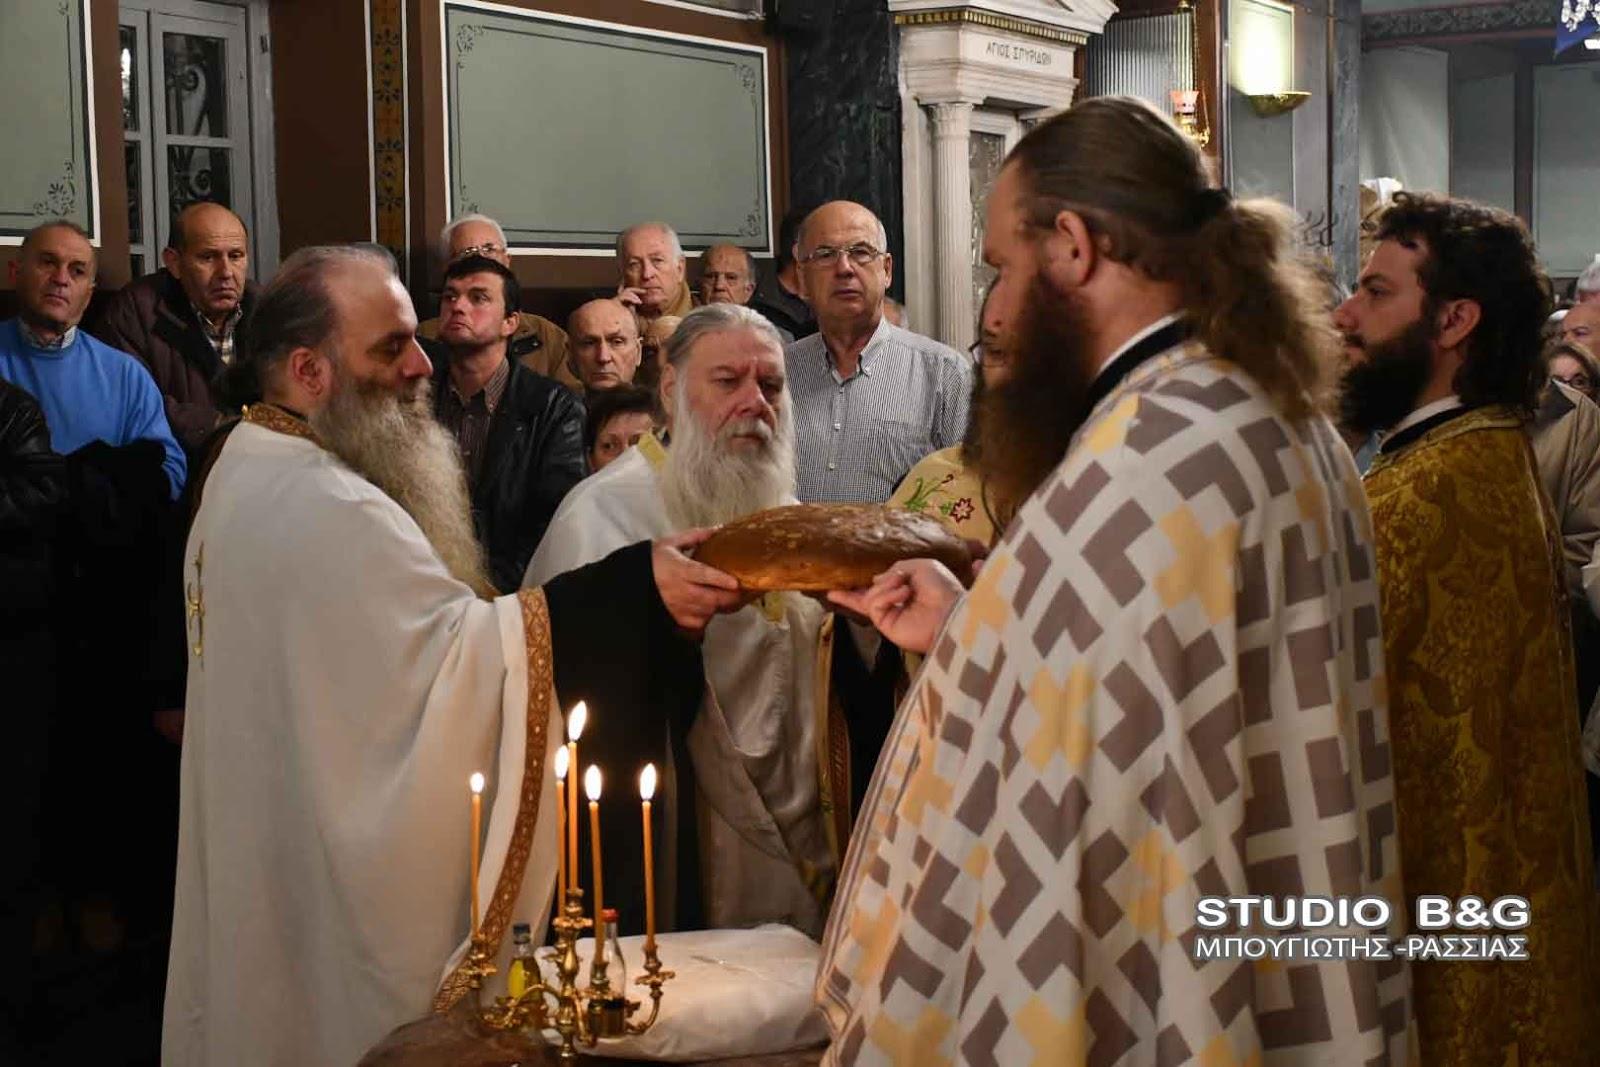 Πανηγυρικός Εσπερινός για την Αγία Βαρβάρα στο Ναύπλιο